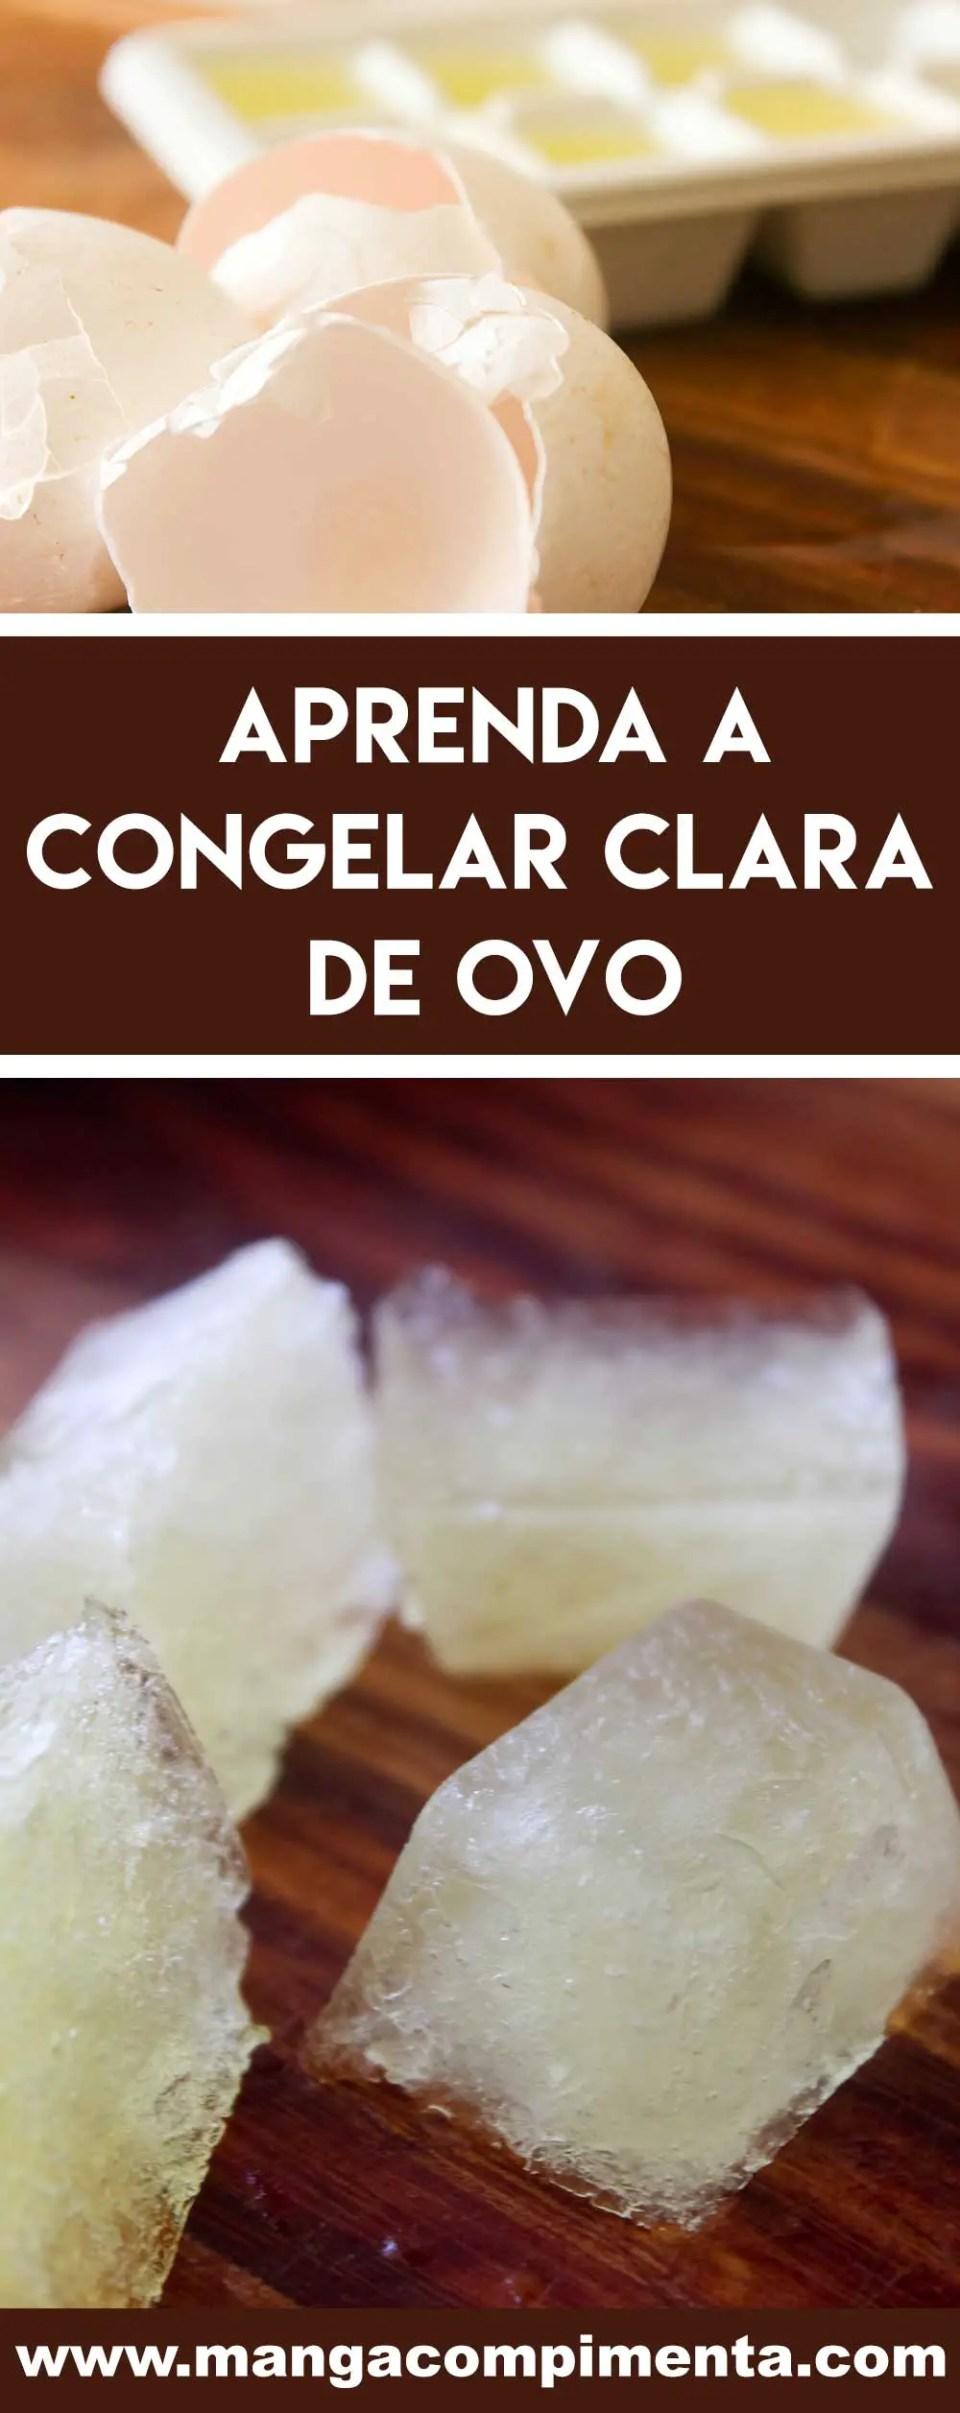 Aprenda Como Congelar Clara de Ovo e nunca mais jogue fora!